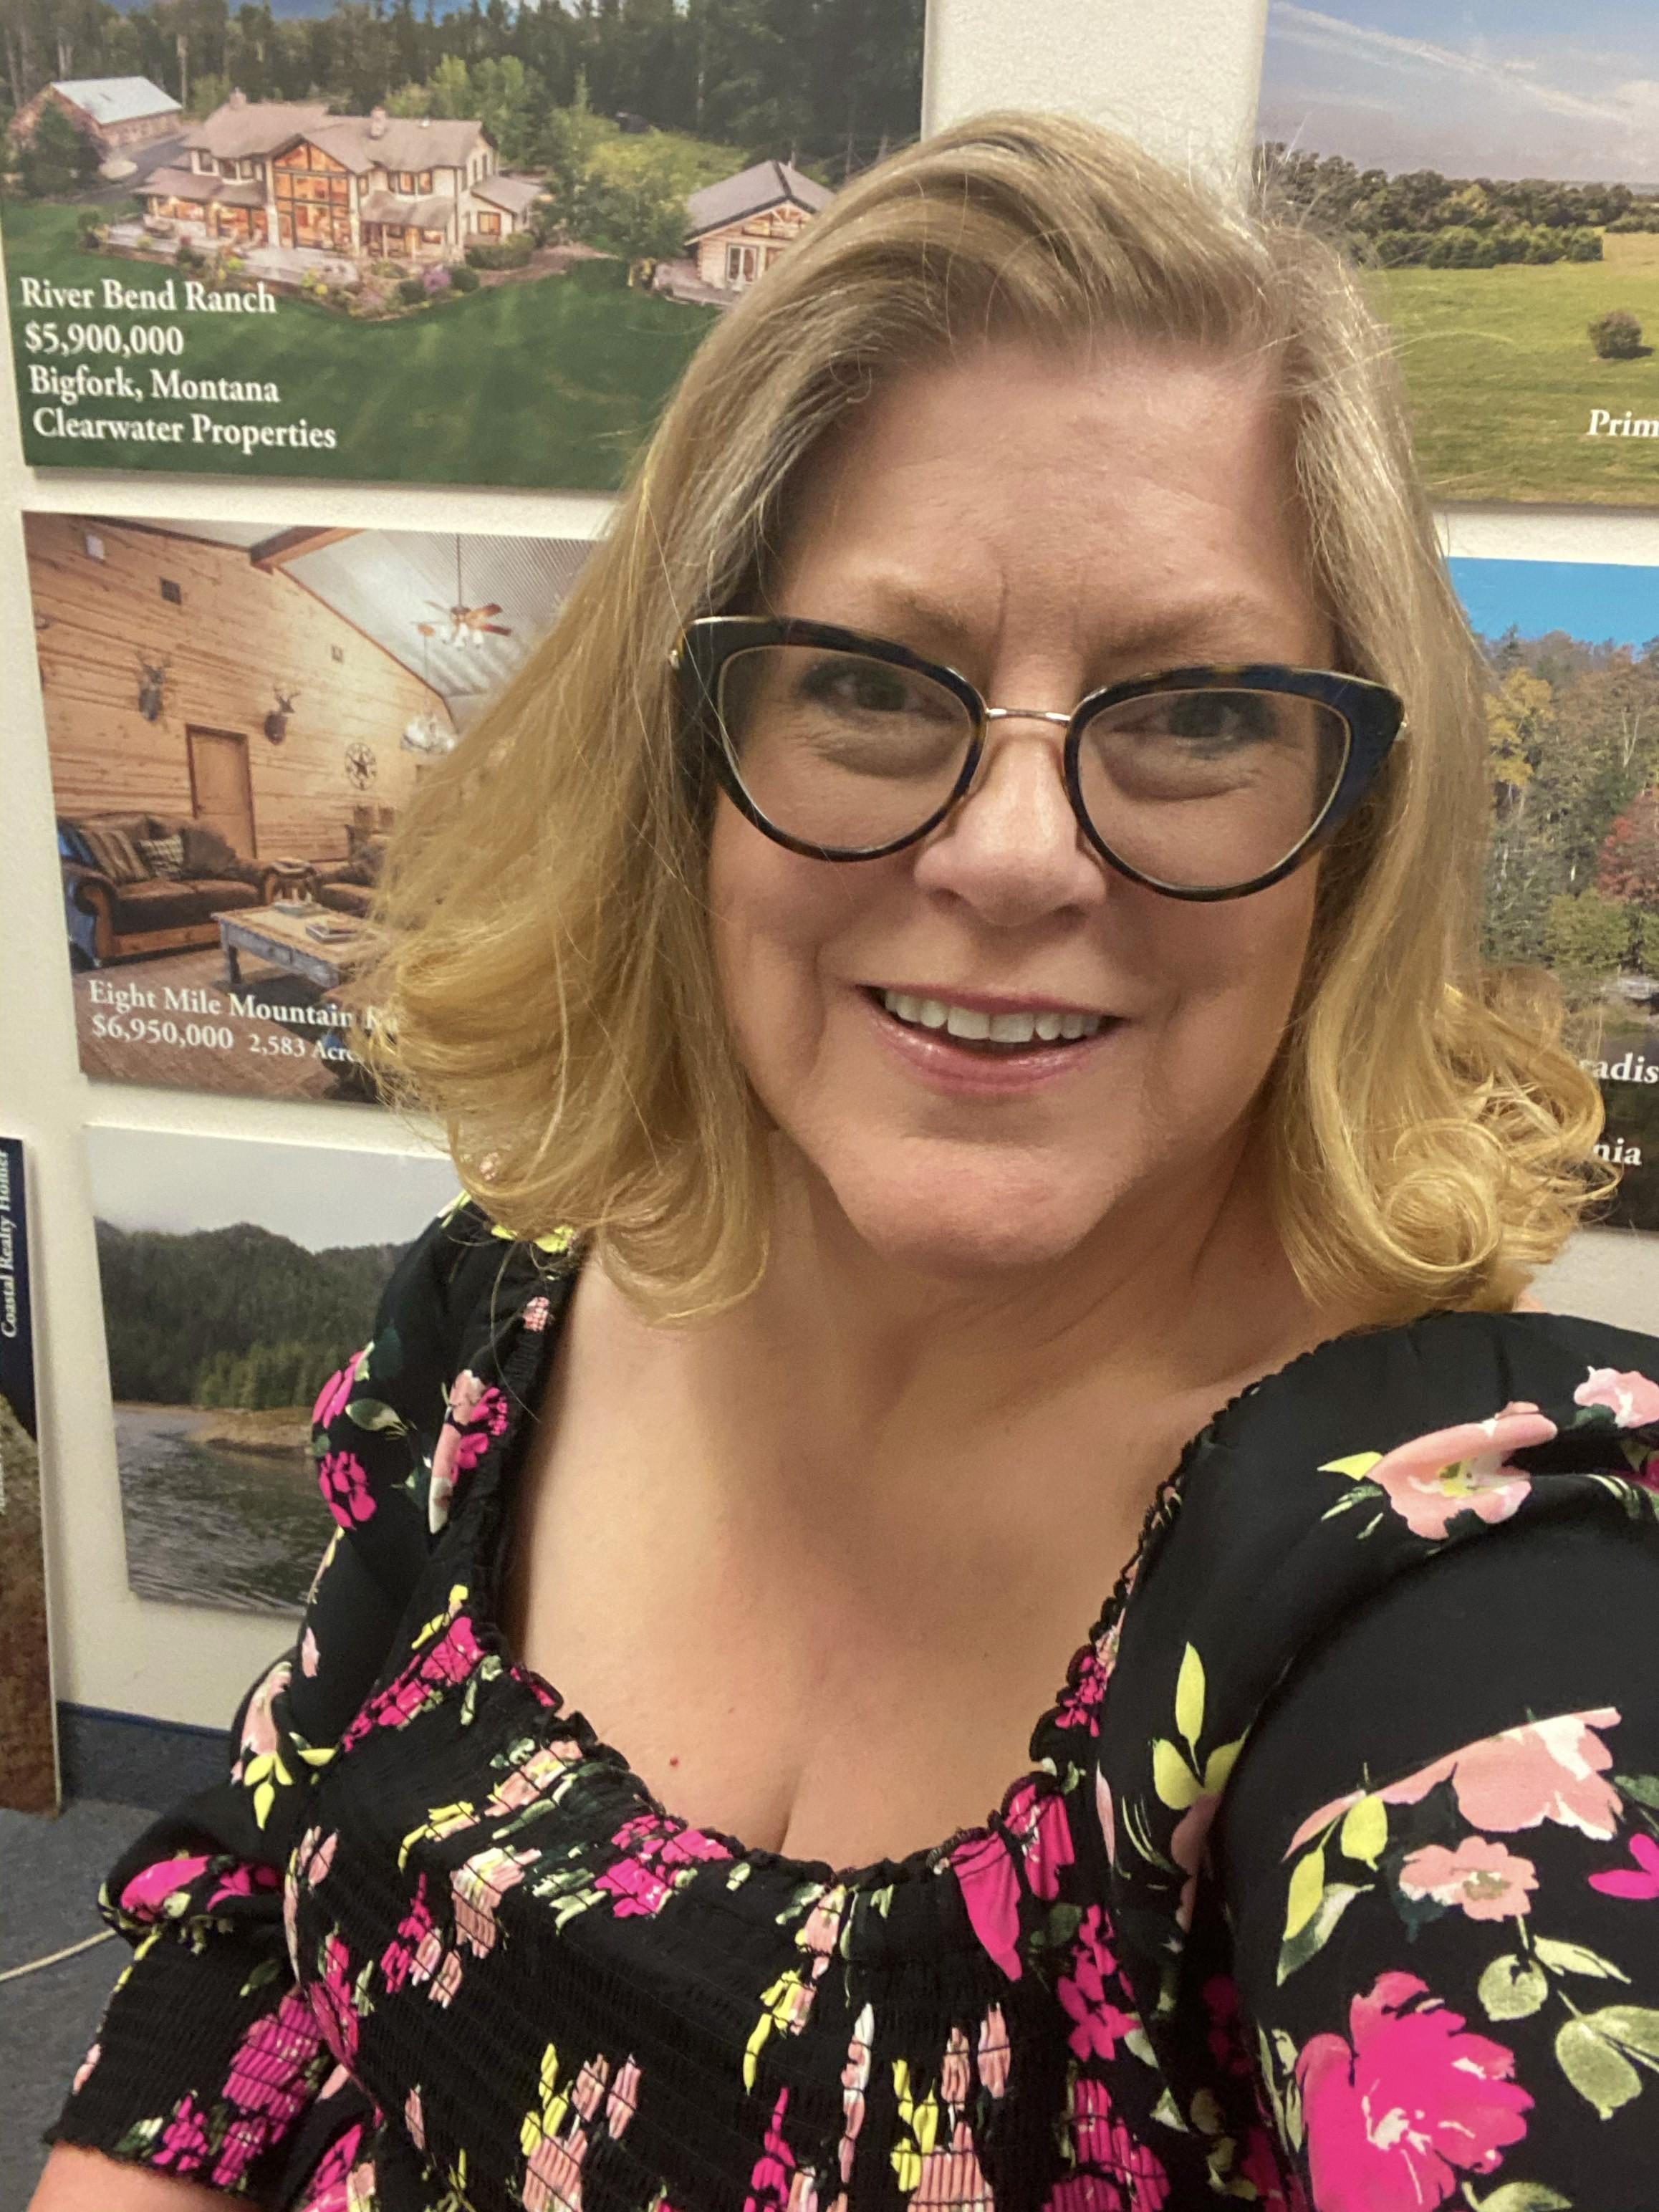 Tina Durflinger